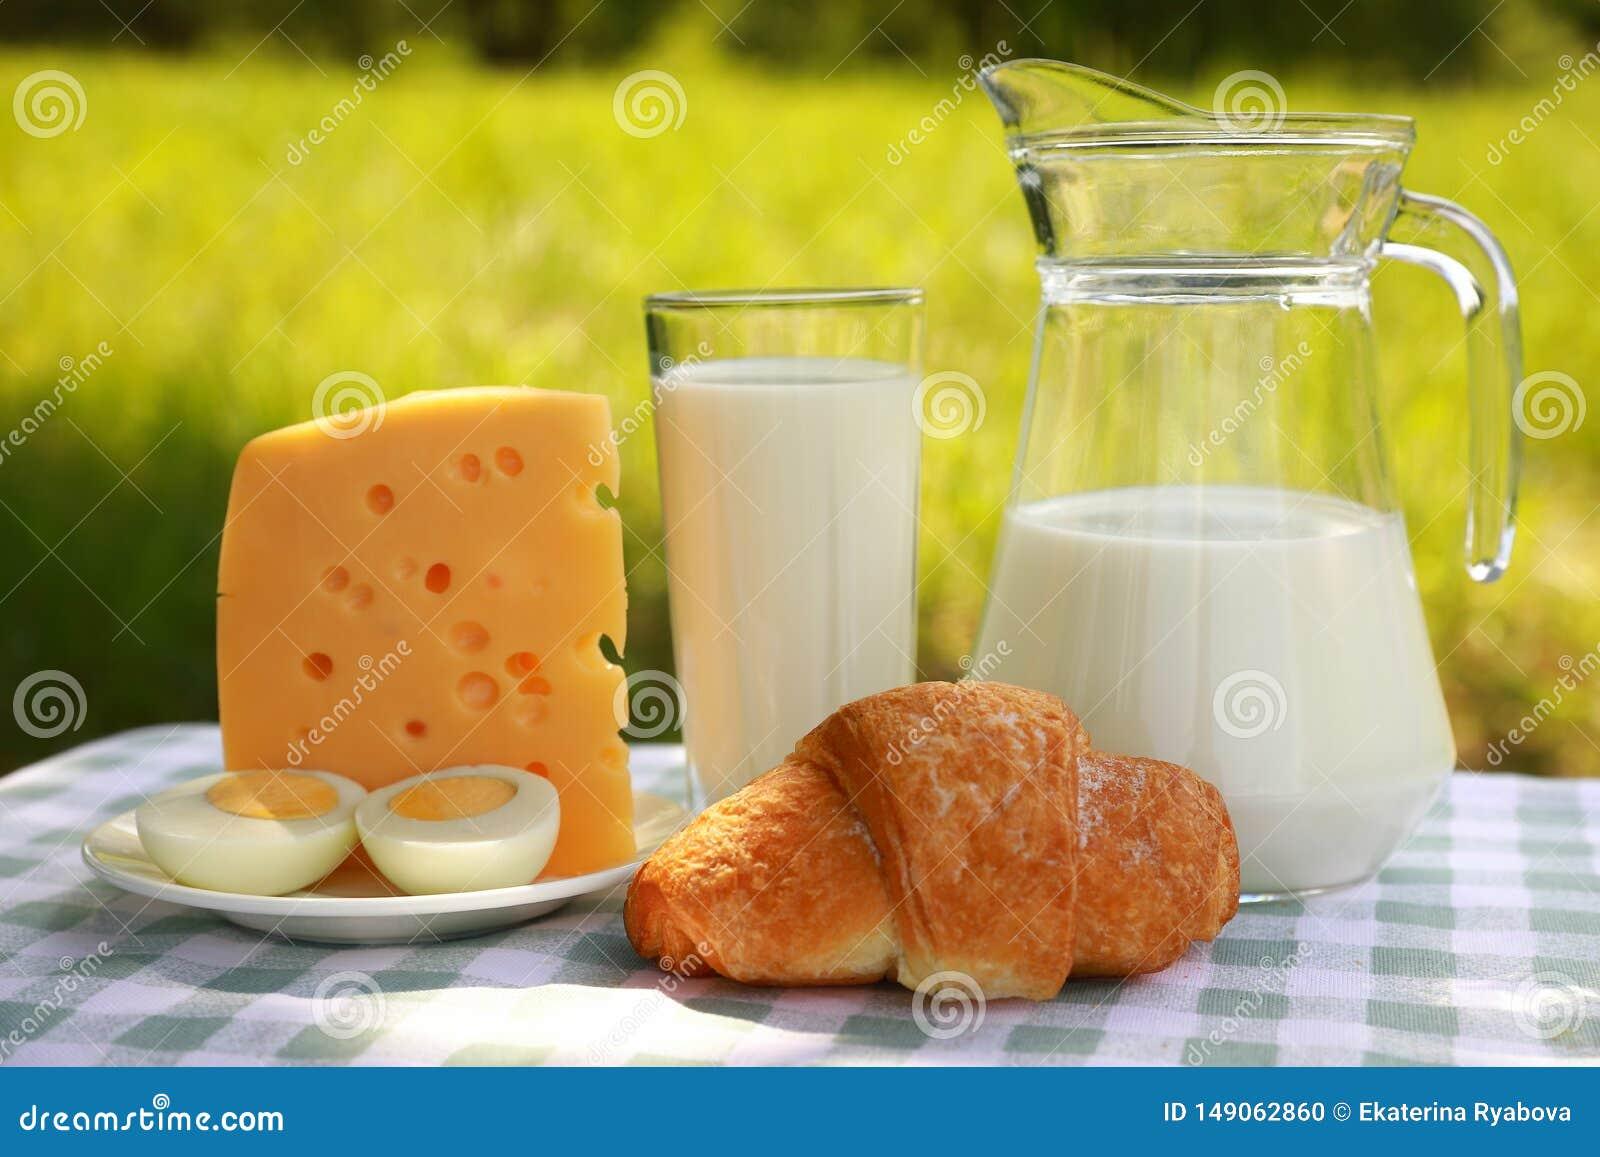 Ein Milchkrug, ein Glas Milch, ein Stück des Käses und des geschnittenen Eies auf einer Platte und ein Hörnchen auf einer grün-un